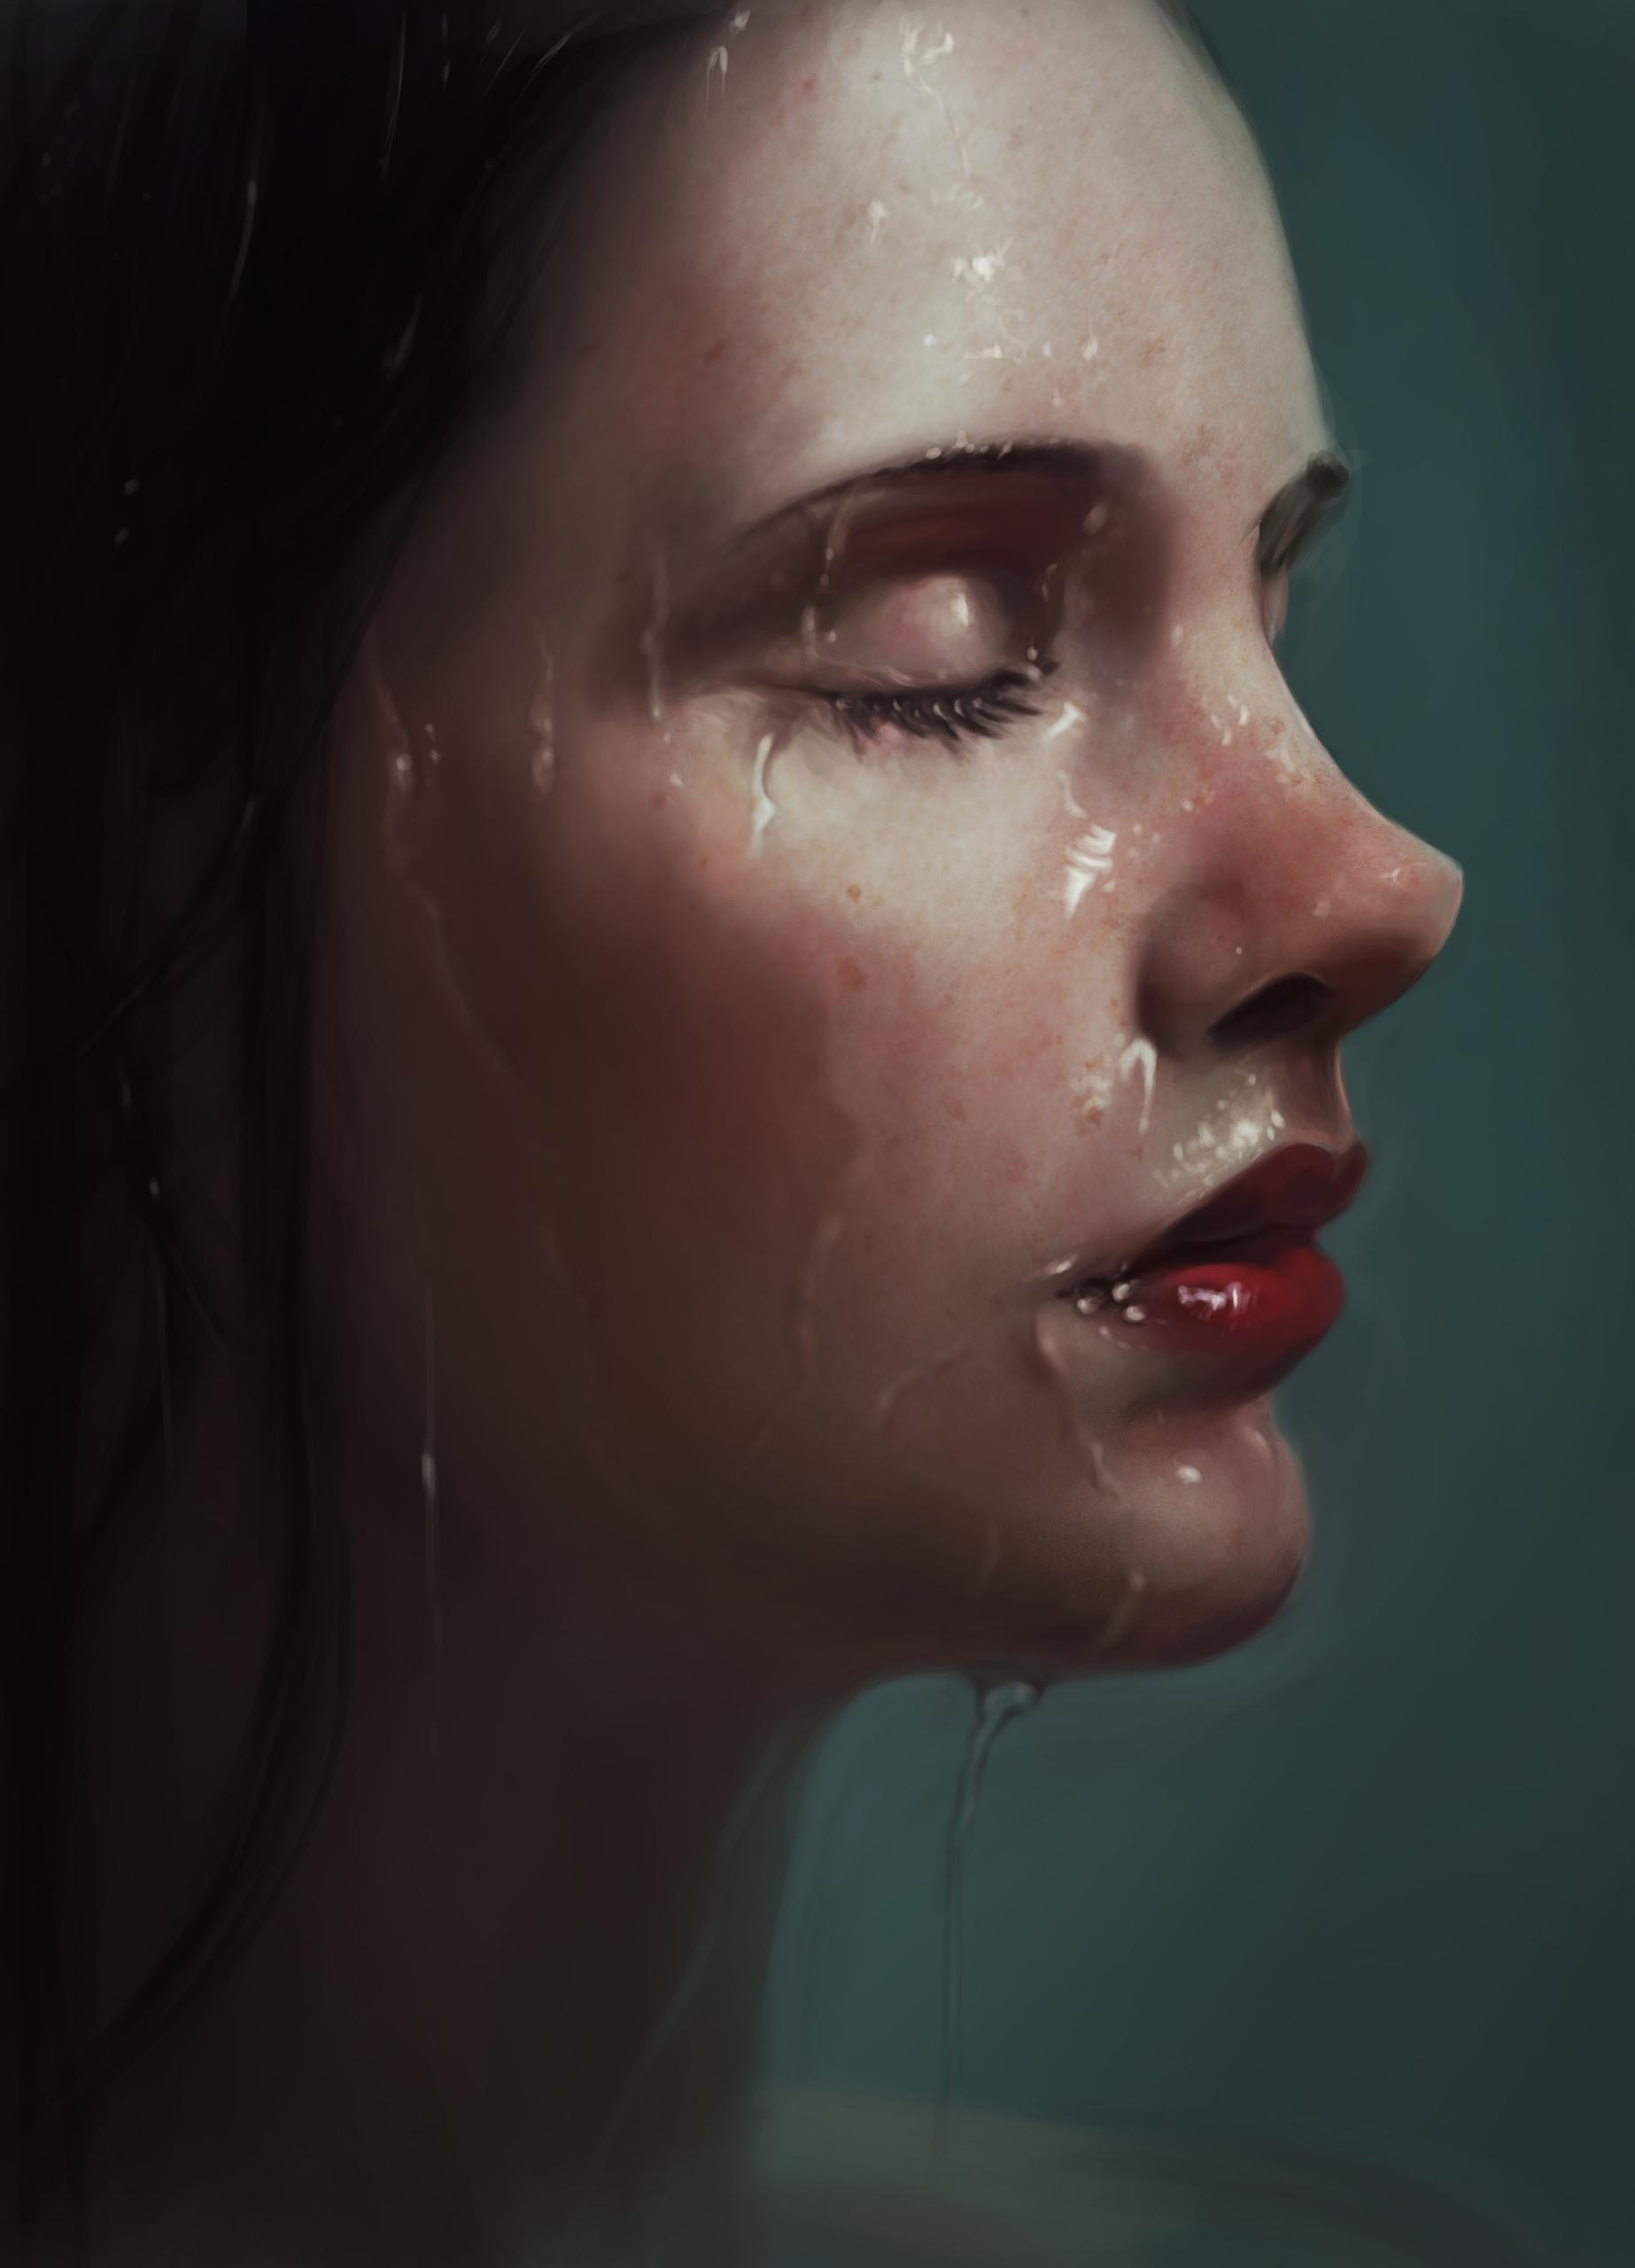 #portrait, study, #AlyssaMonks - marinaarmus | ello